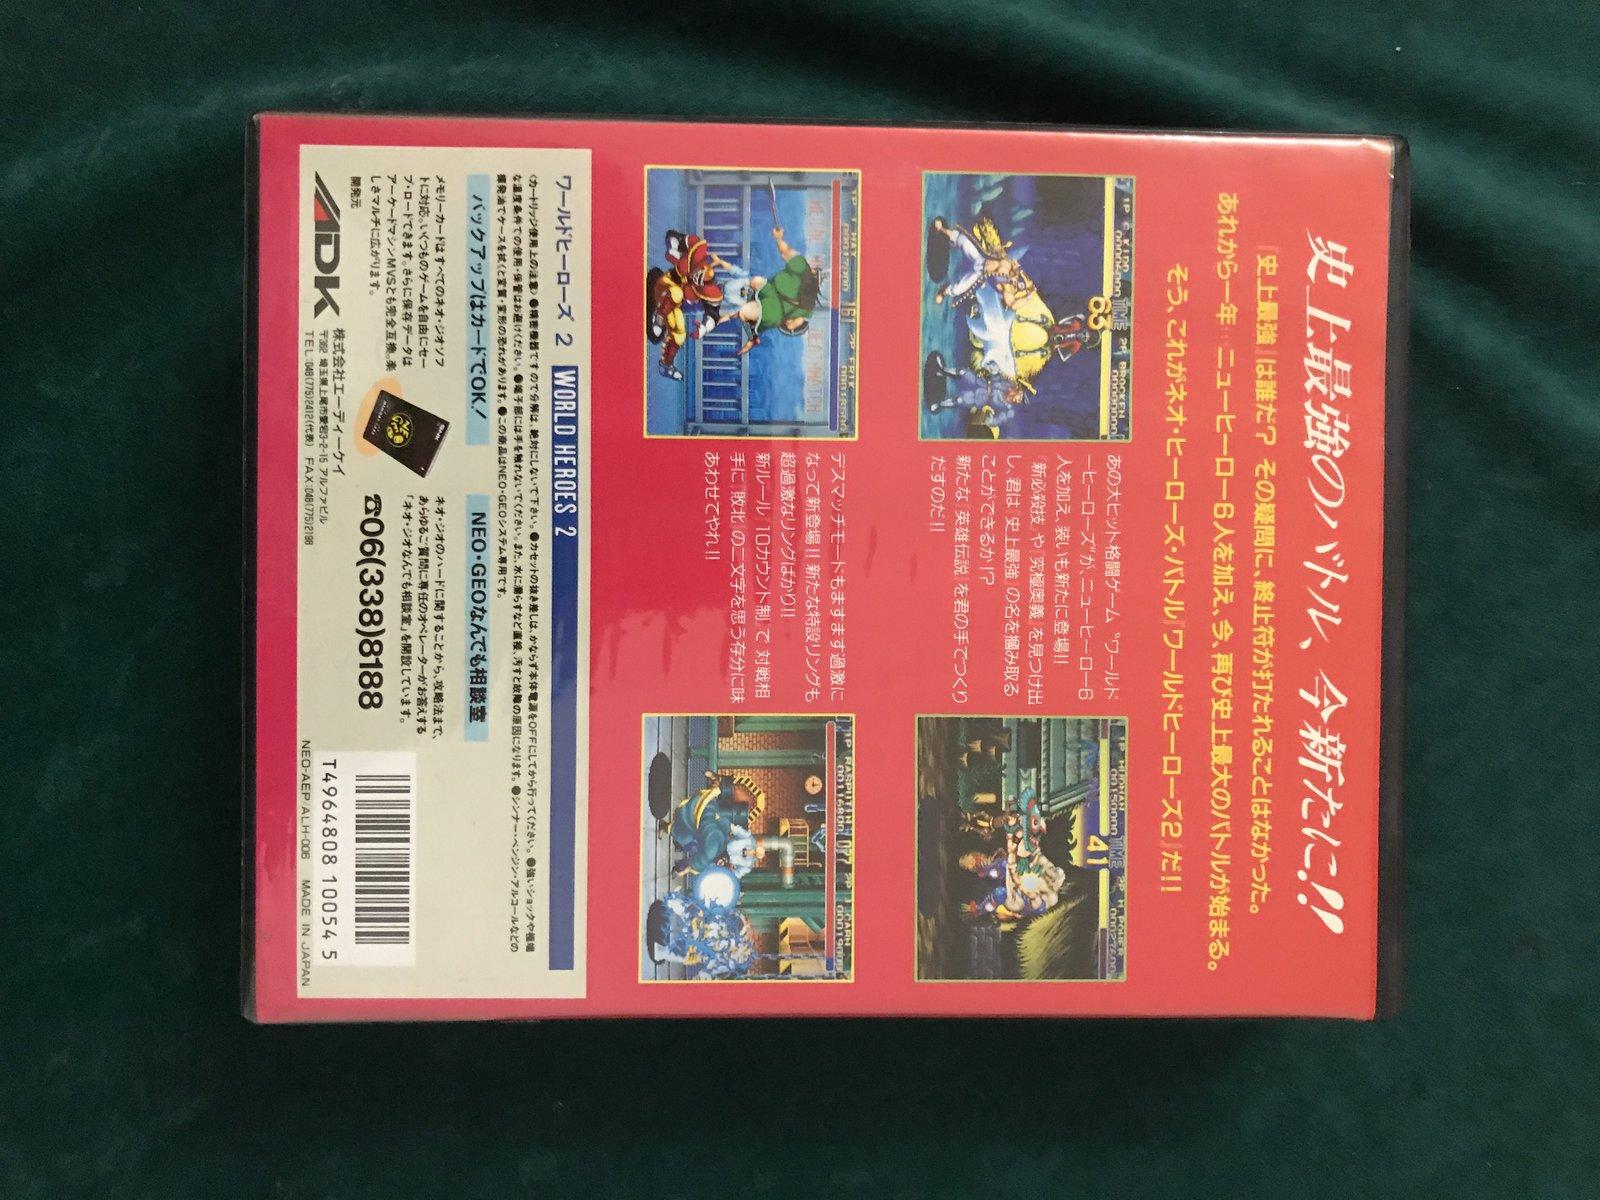 [VDS] Jeux NeoGeo AES (version jap) [VDS] SNK AES >>>>baisse de prix 201010023224525950